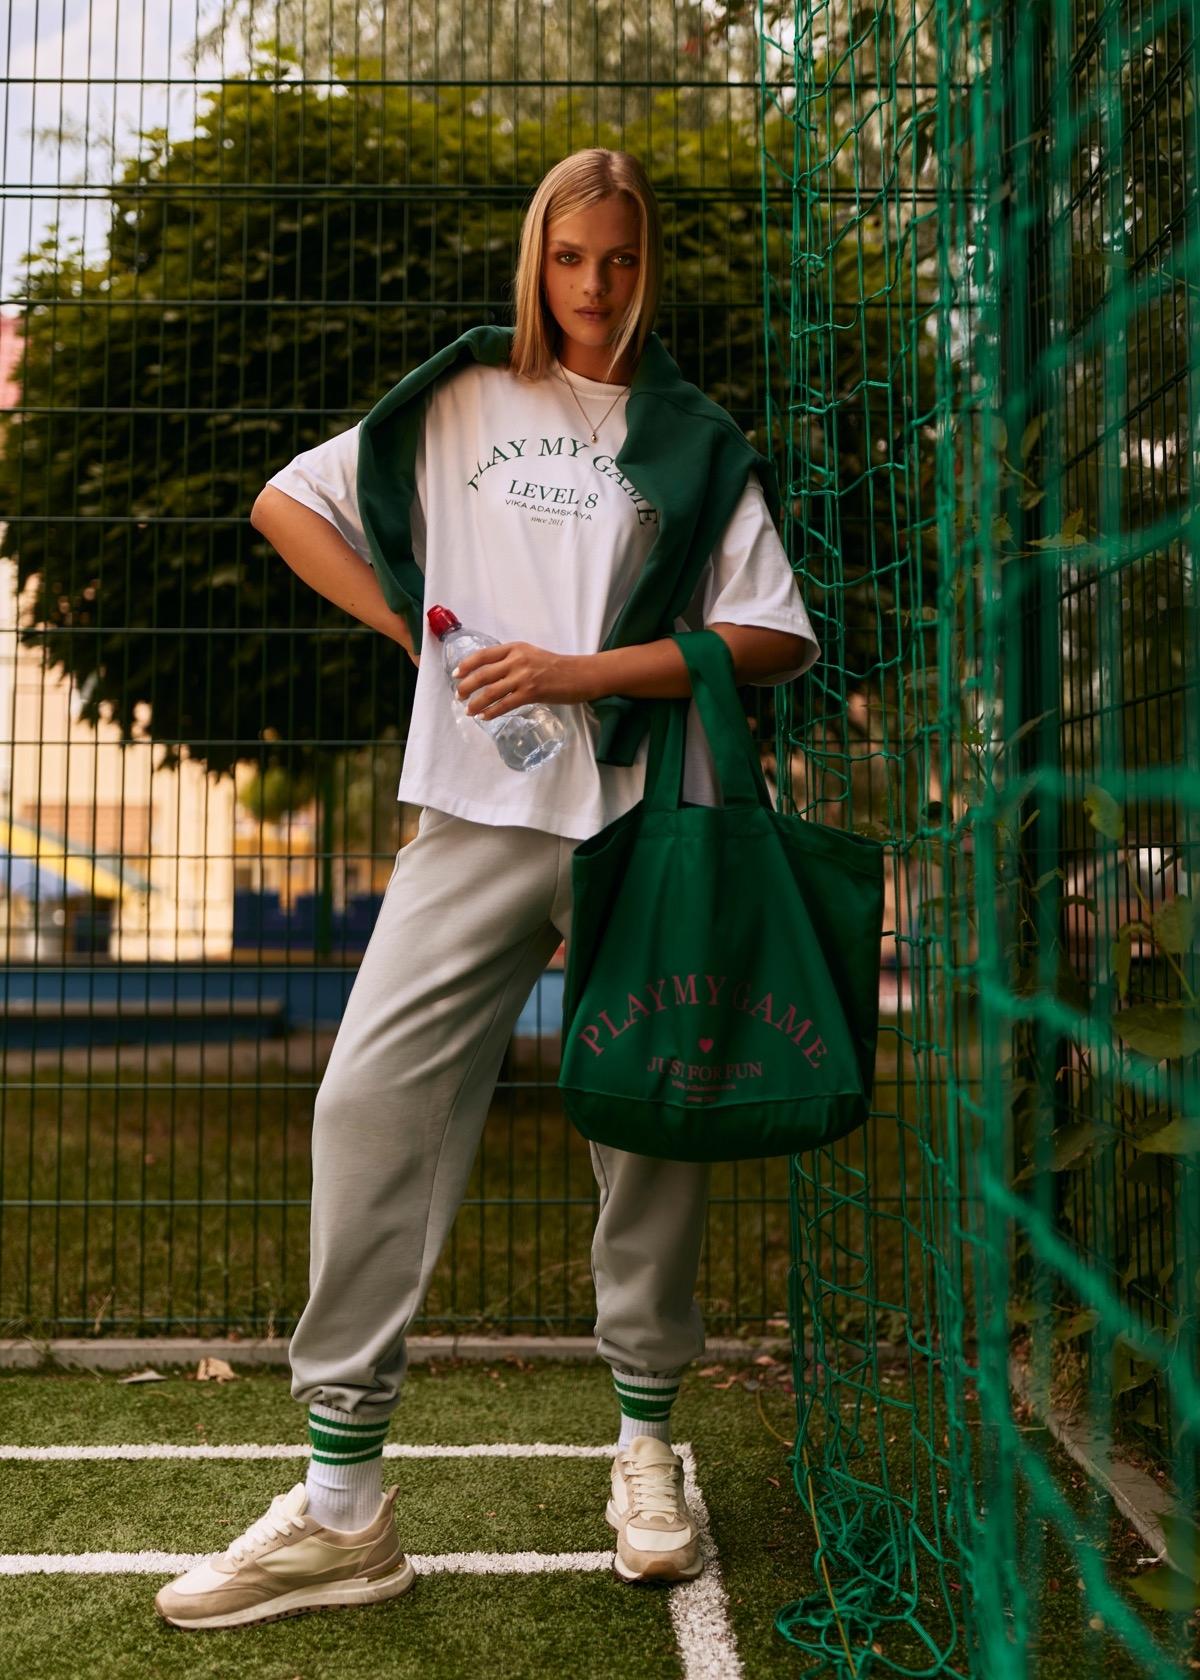 В этом мире побеждает любовь: бренд VIKA ADAMSKAYA представил новую коллекцию стильной спортивной одежды (ФОТО) - фото №4